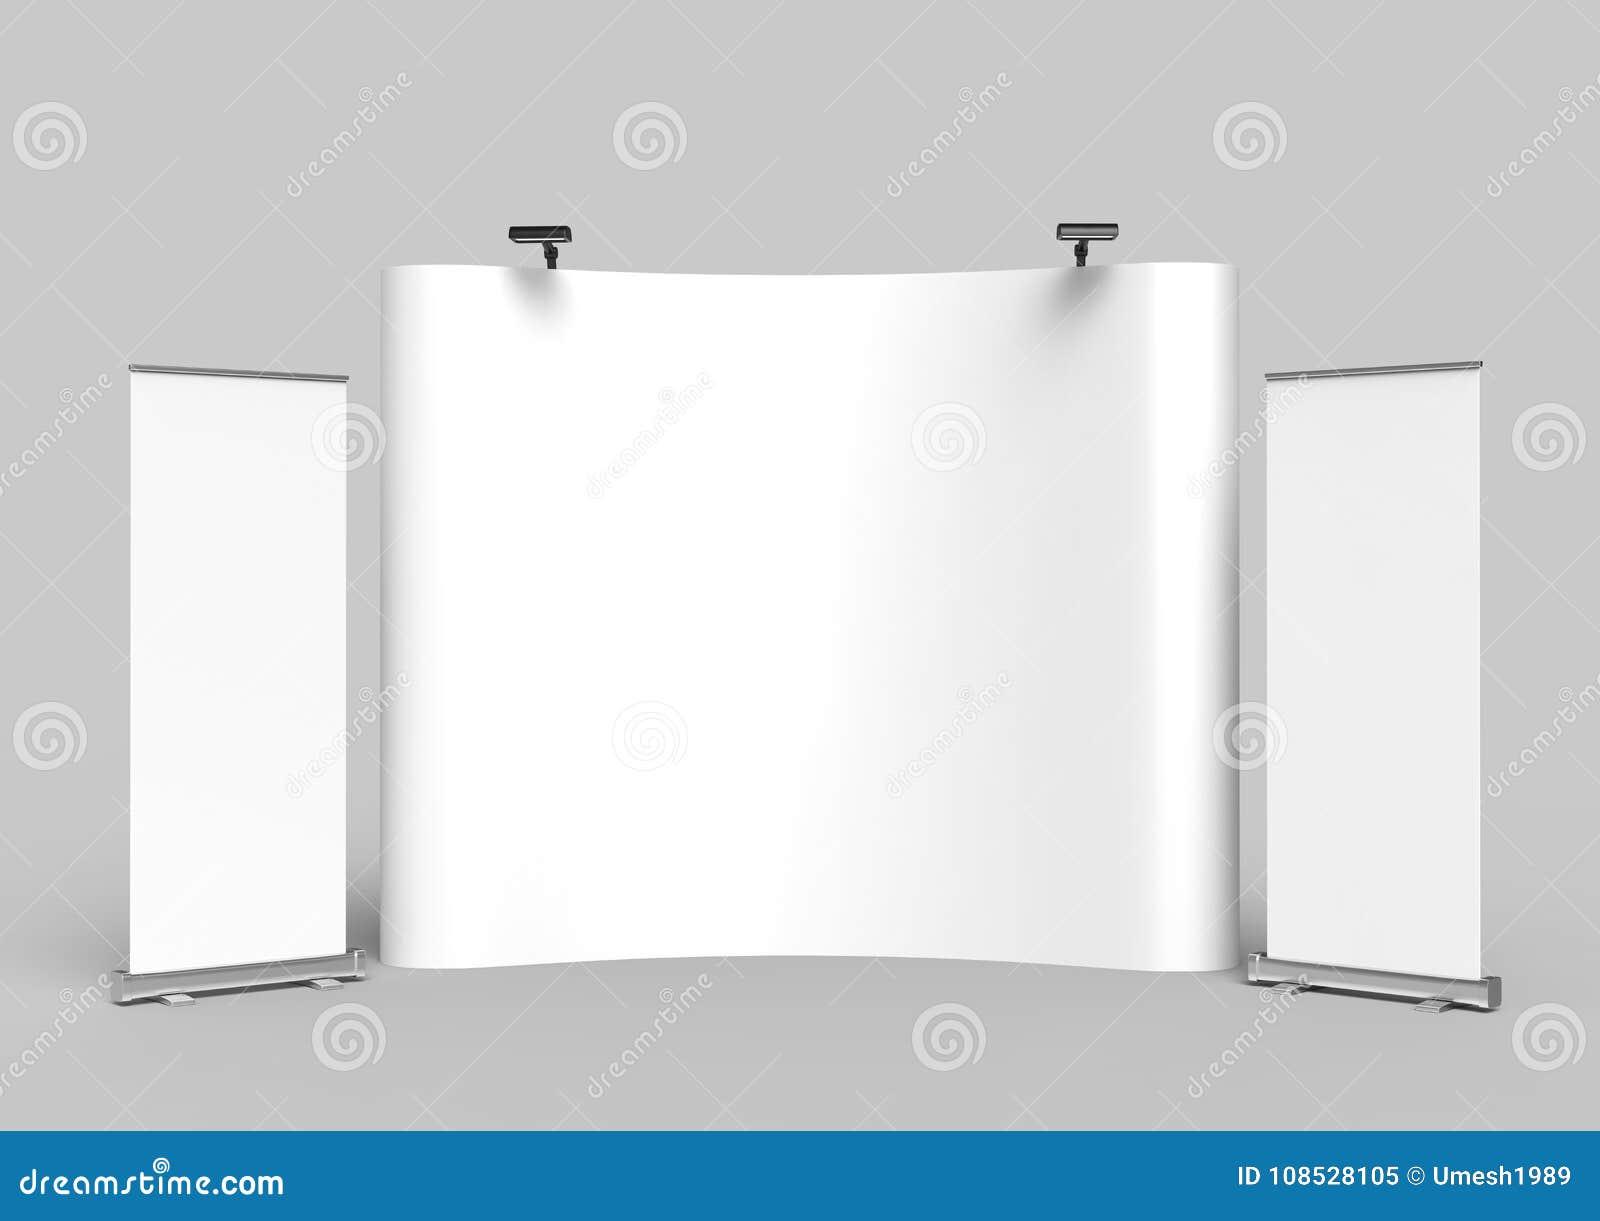 Bakgrund för ställning för baner för skärm för utställningspänningstyg för ställning för advertizing för handelshow med LEDD ELLE